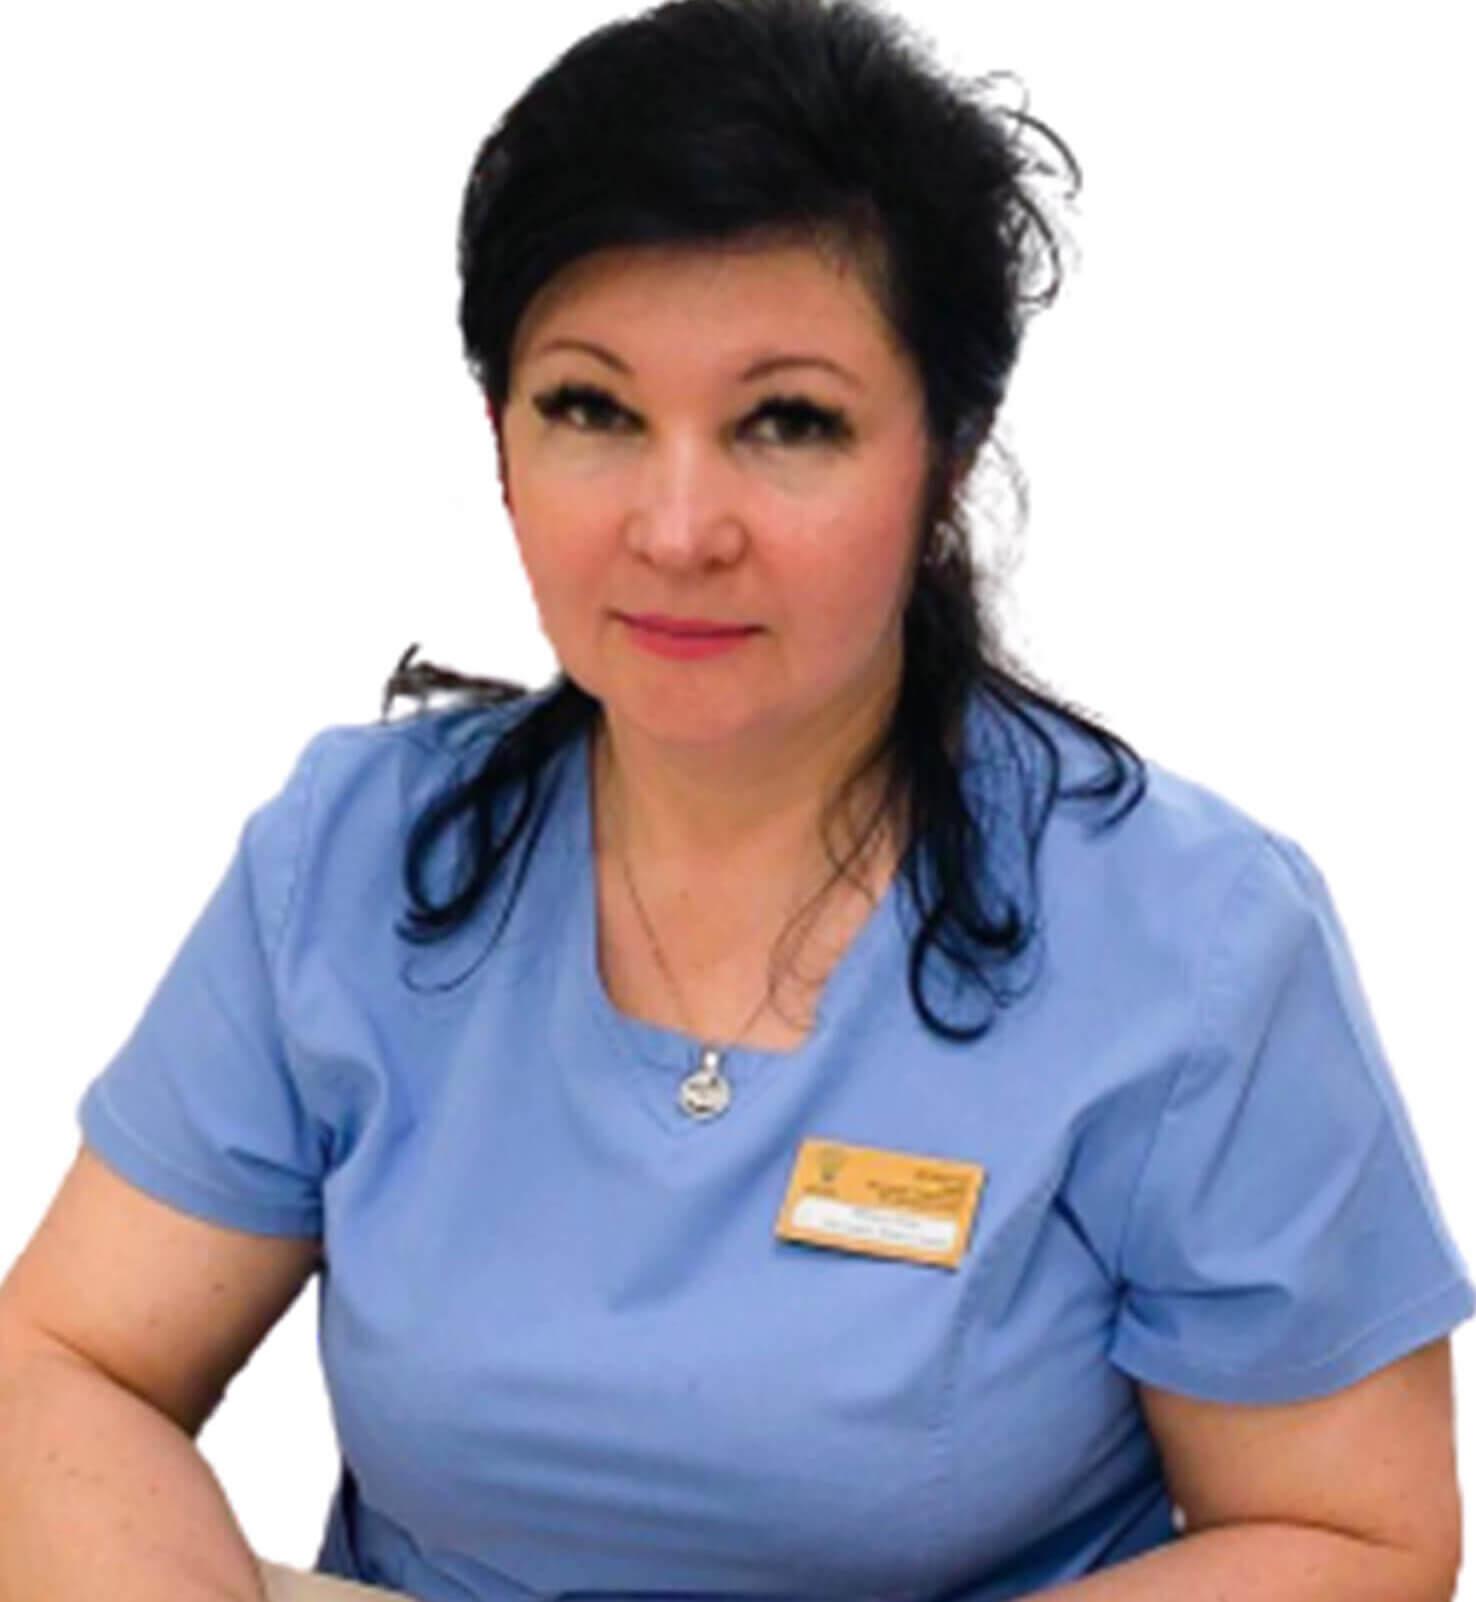 Айзятулова Эльмира Максутовна